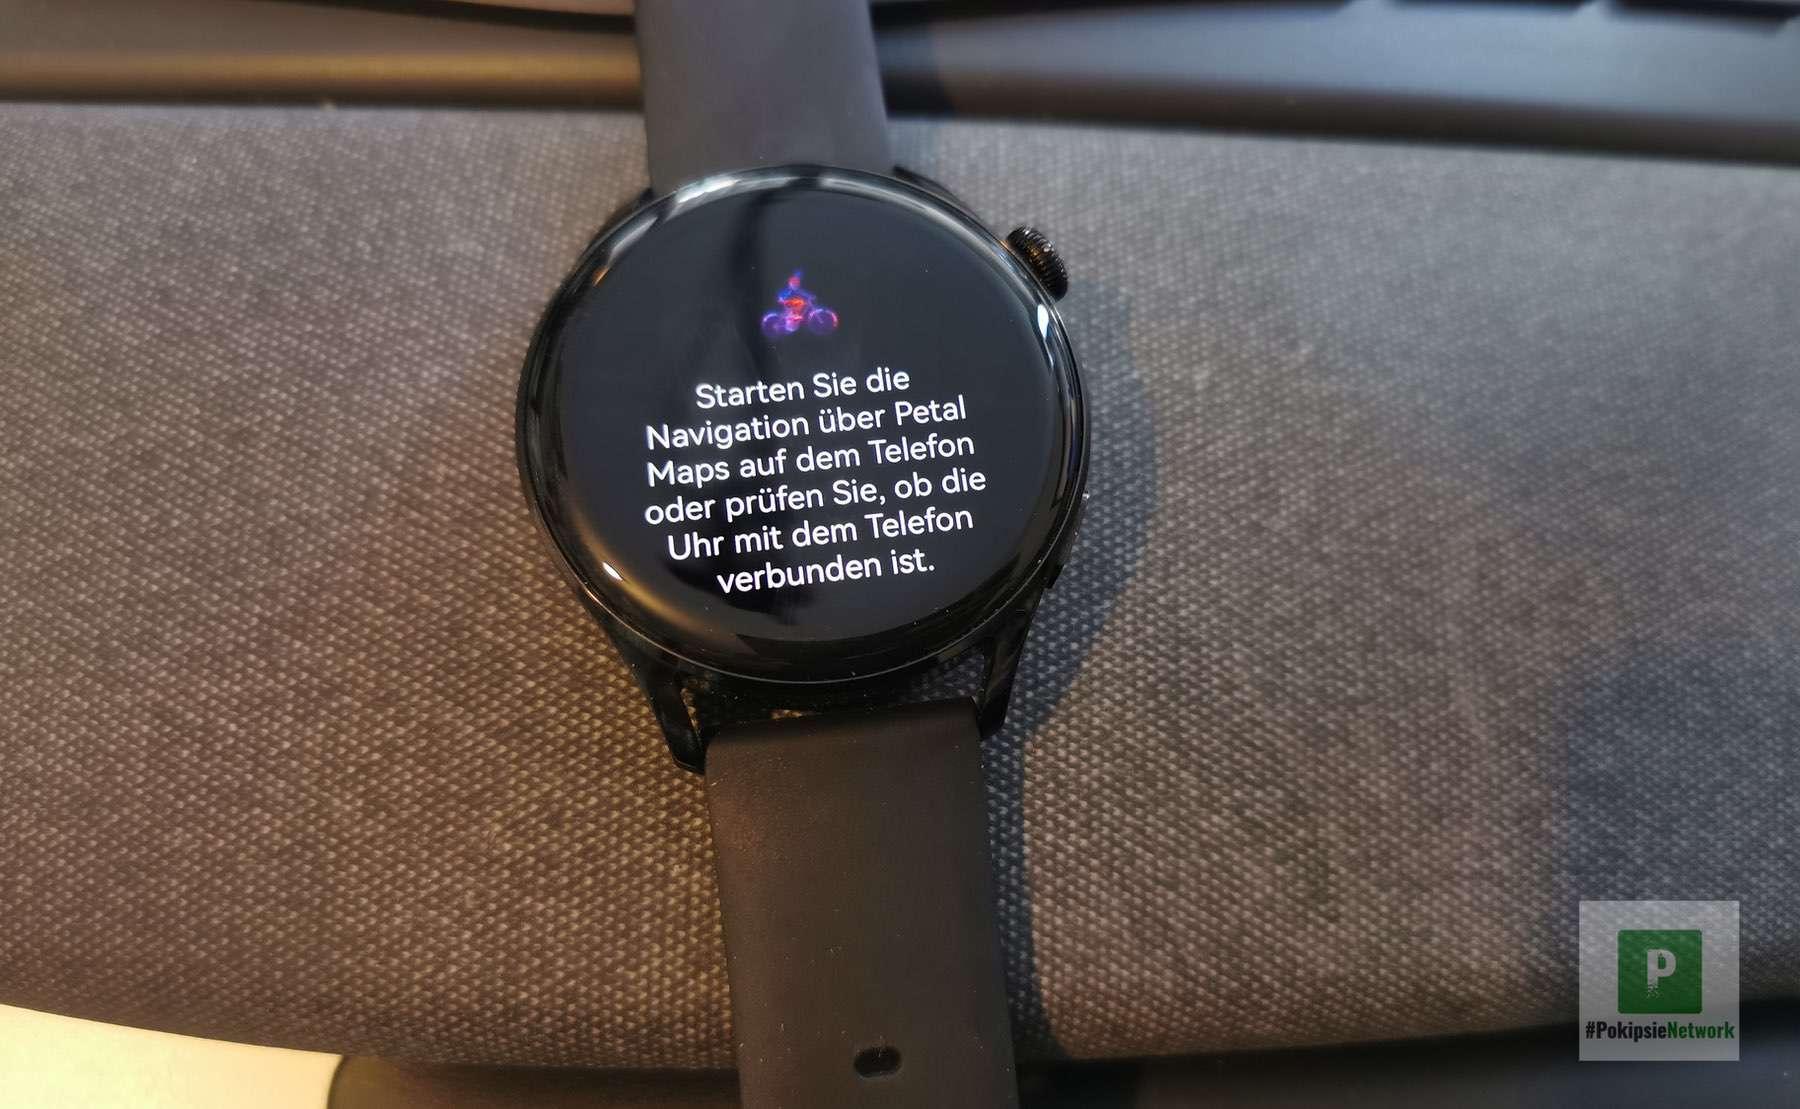 Petal Maps auf der Smartwatch